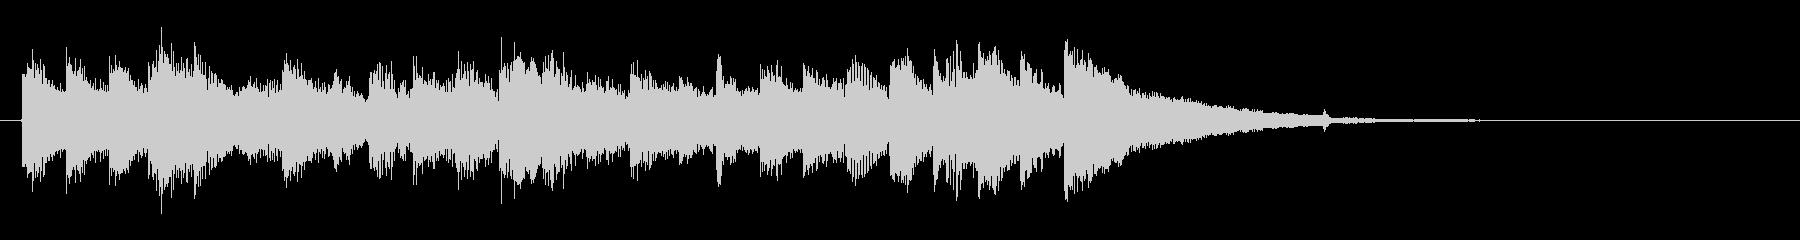 クエスト完了のチェンバロの音楽の未再生の波形